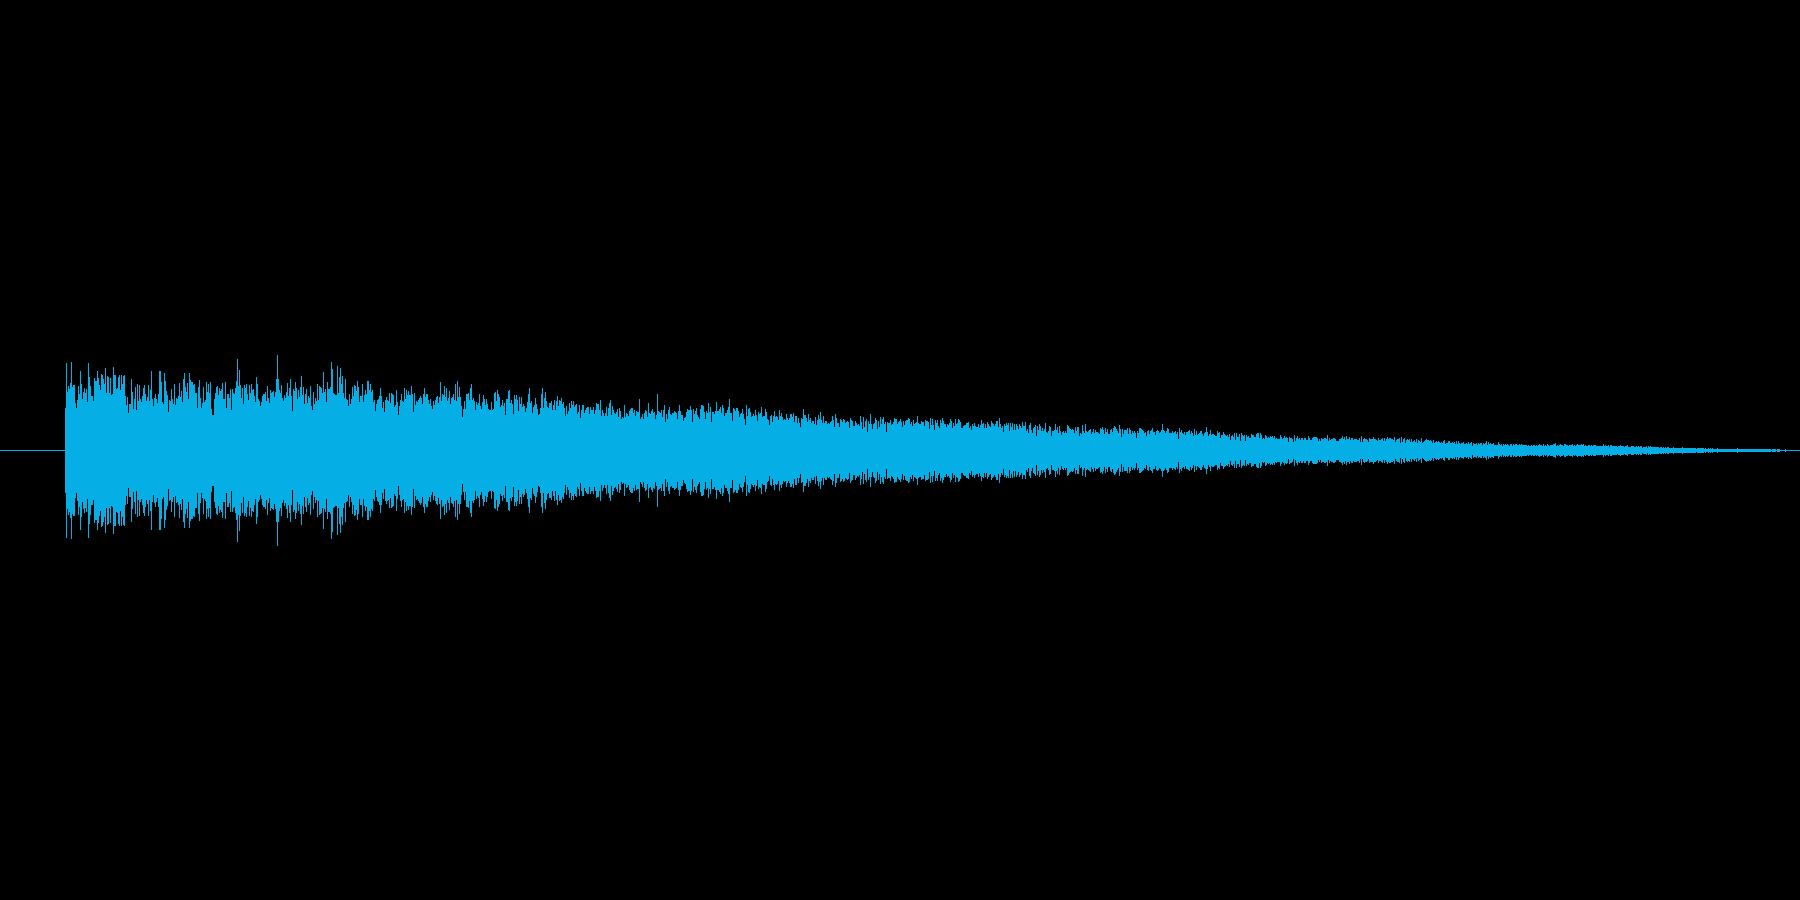 ガーン(暗い場所で響く金属音)の再生済みの波形